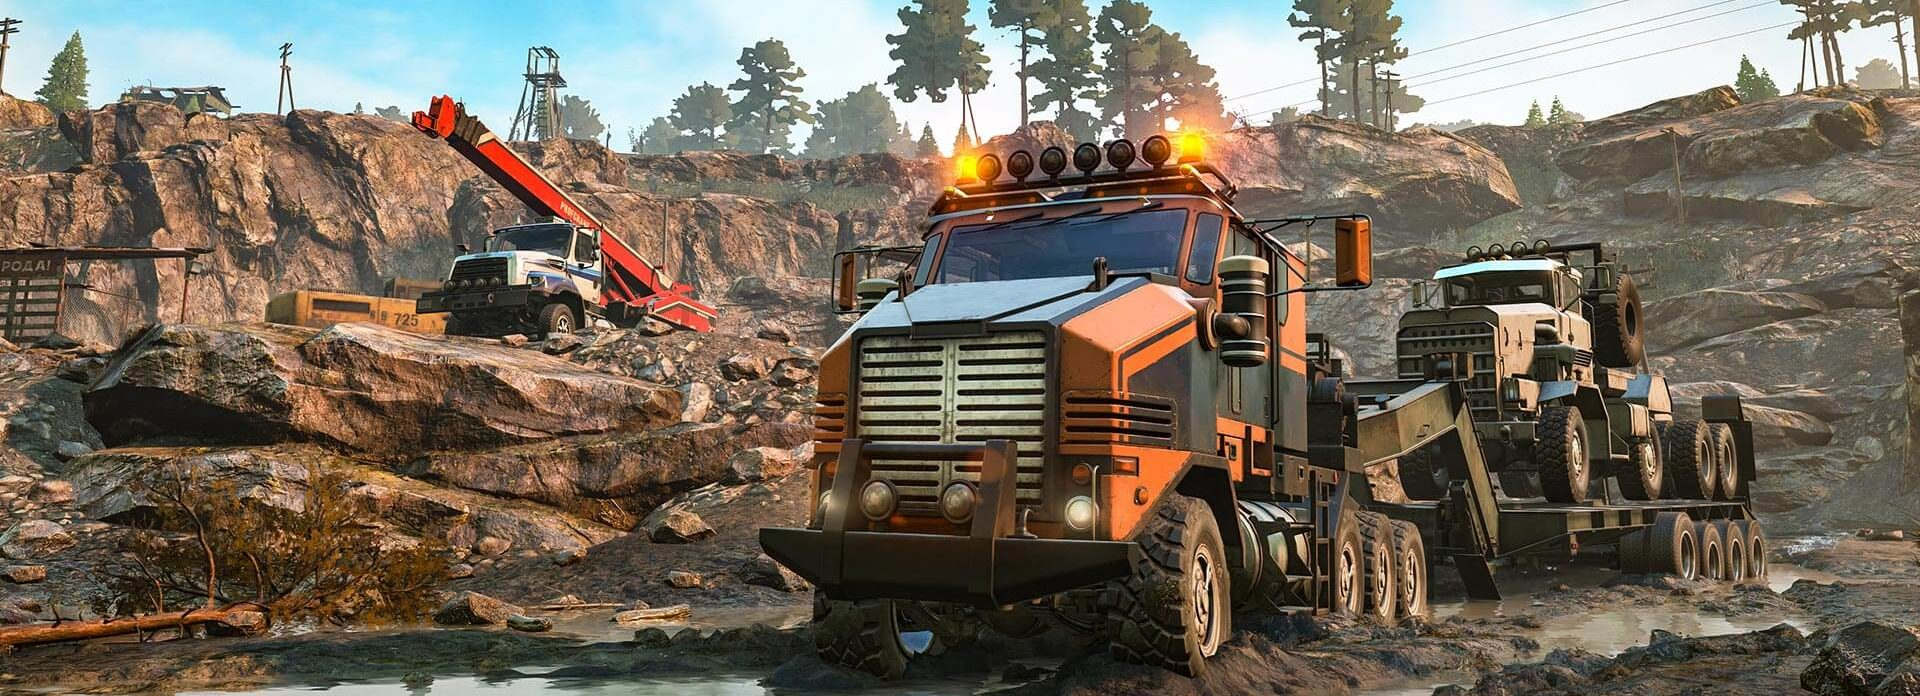 Diesel_productv2_snowrunner_home_SnowRunner_Screenshot_04_nologo-1920x1080-16a97e5ac52c9ded407d7c4ab5680bb0c22f2471